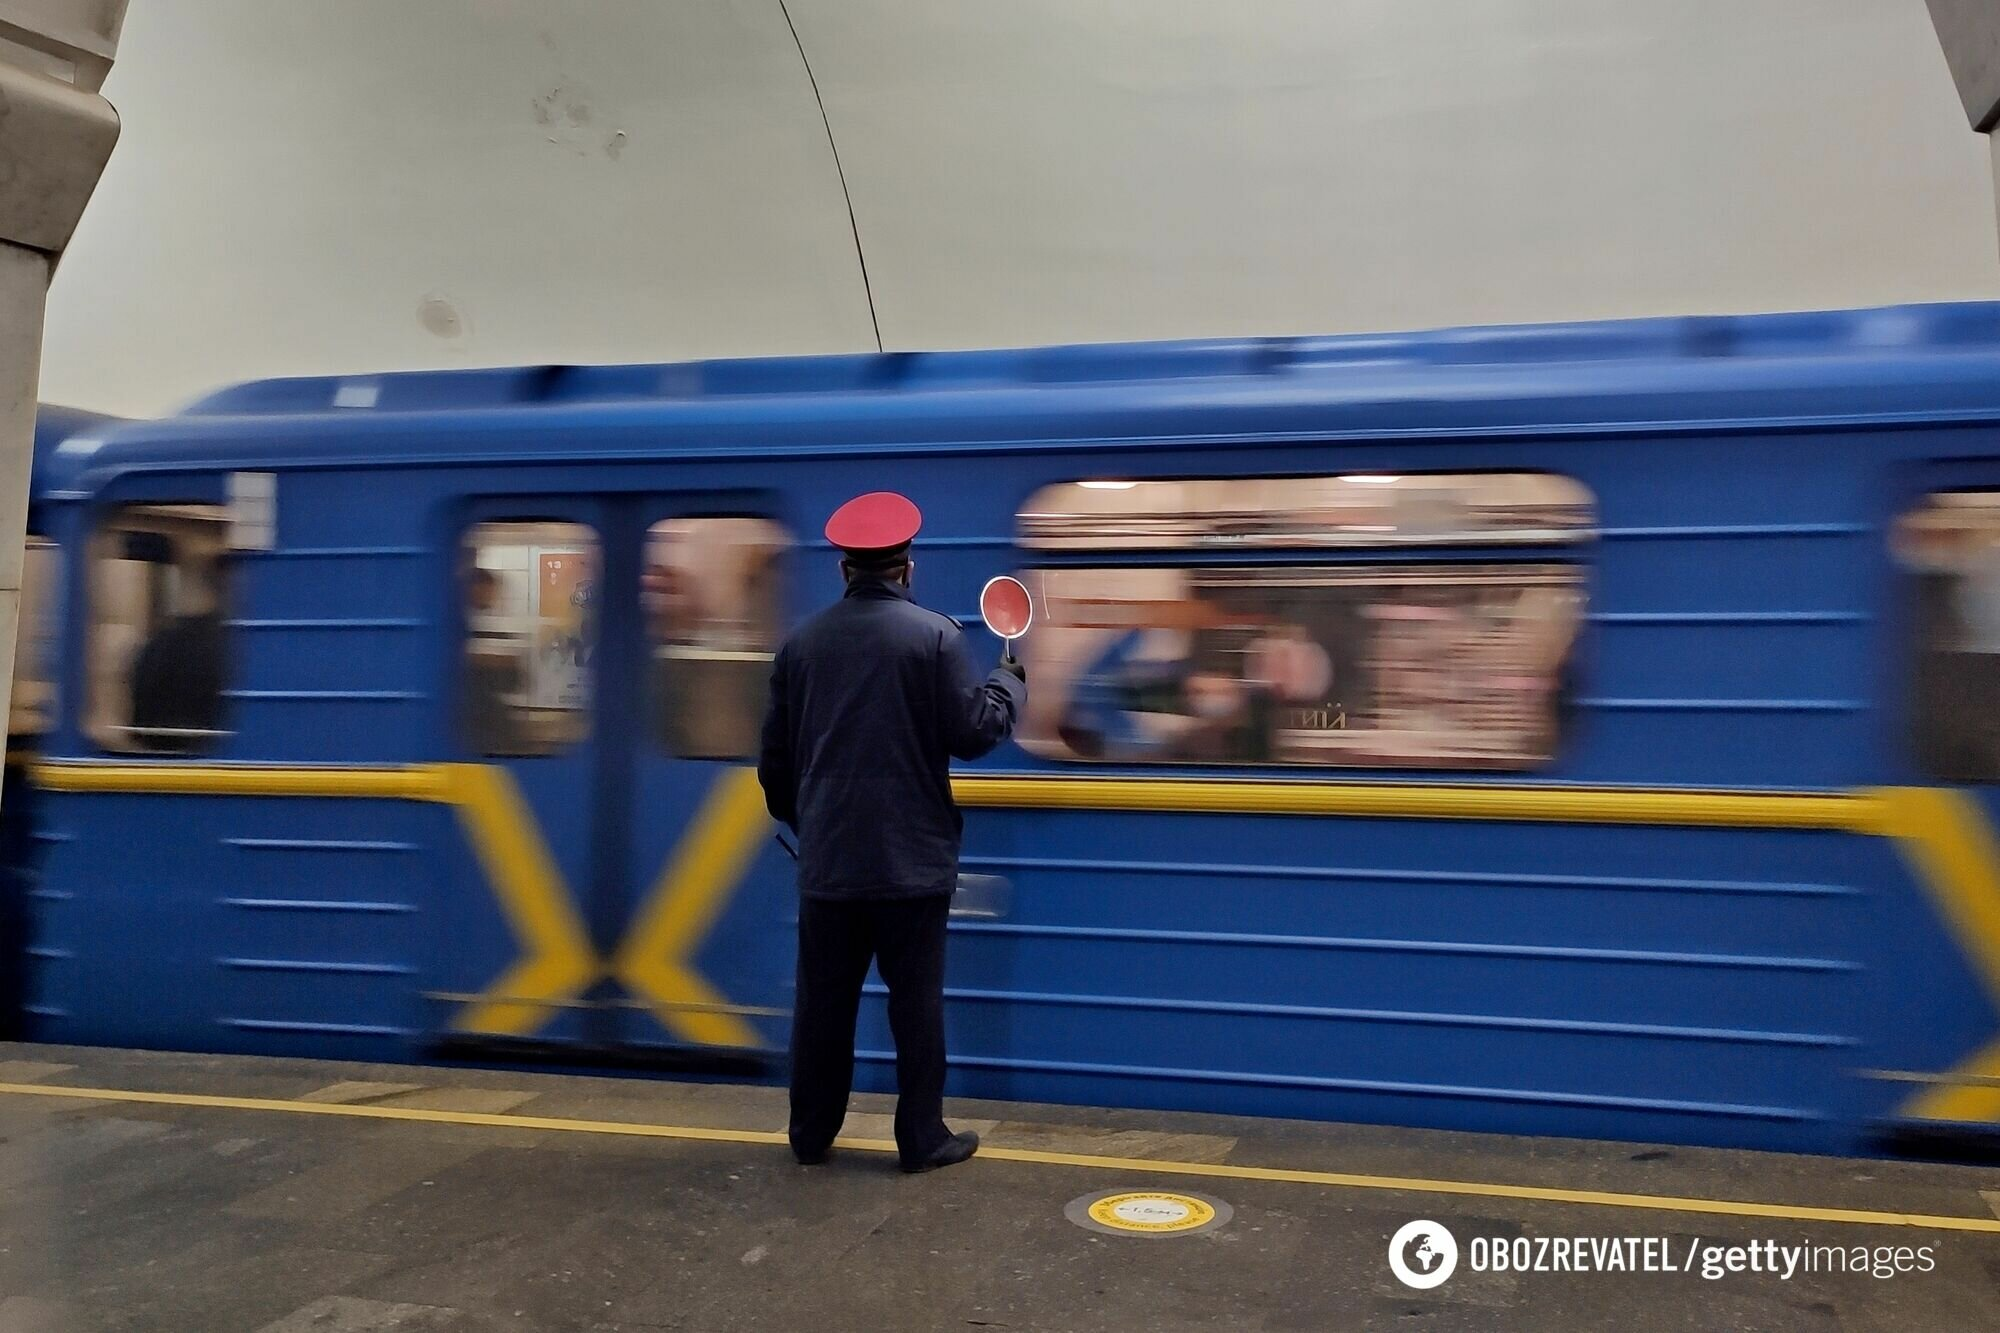 Киевский метрополитен может остановиться в любой момент